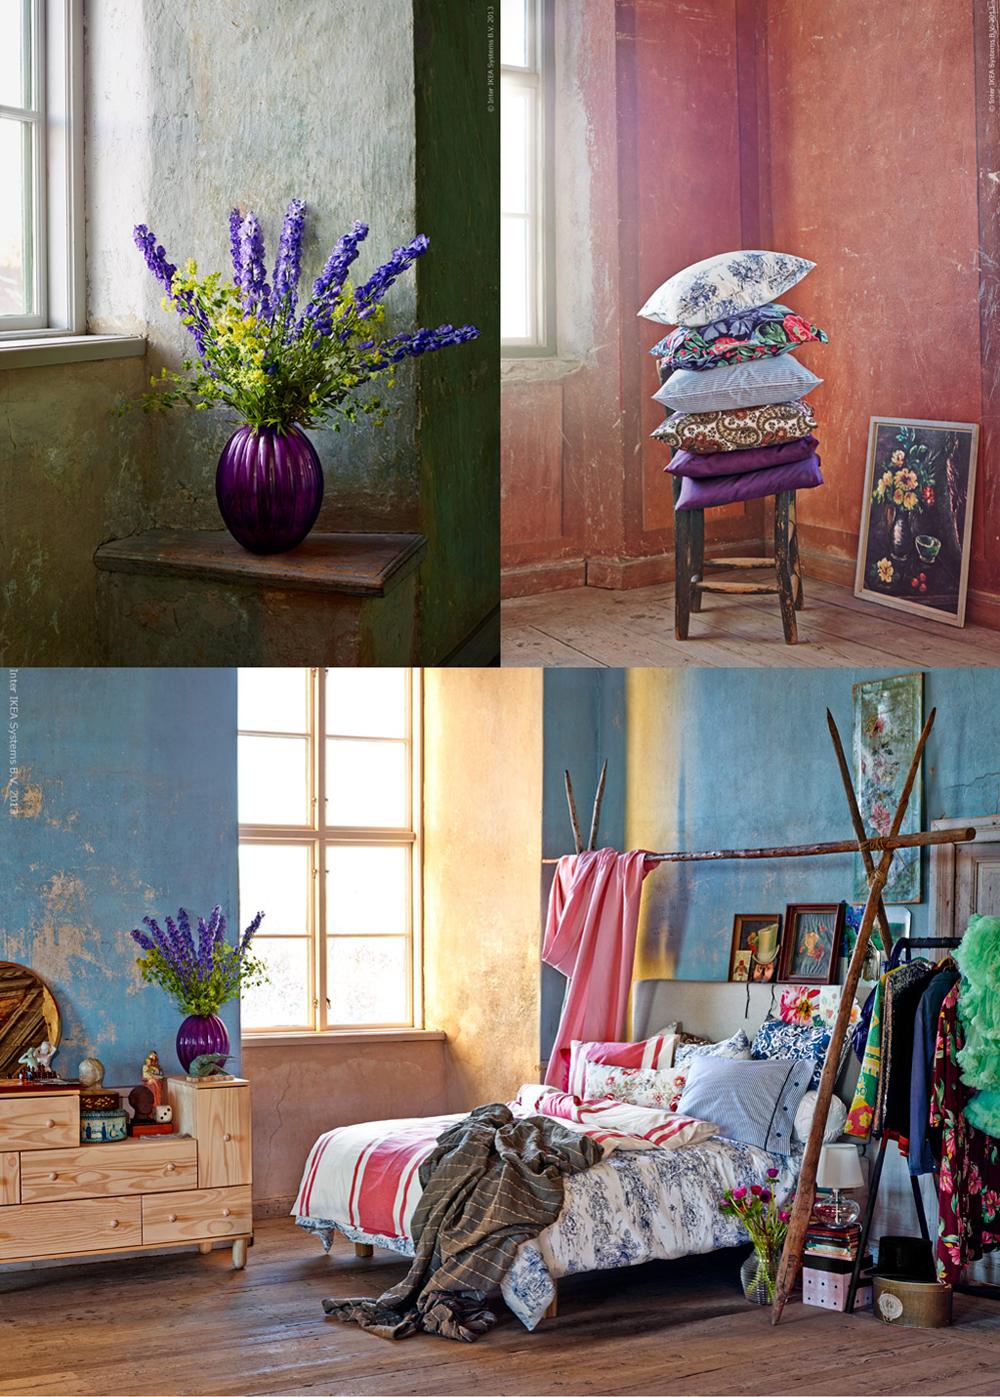 IKEA Livet Hemma Spring